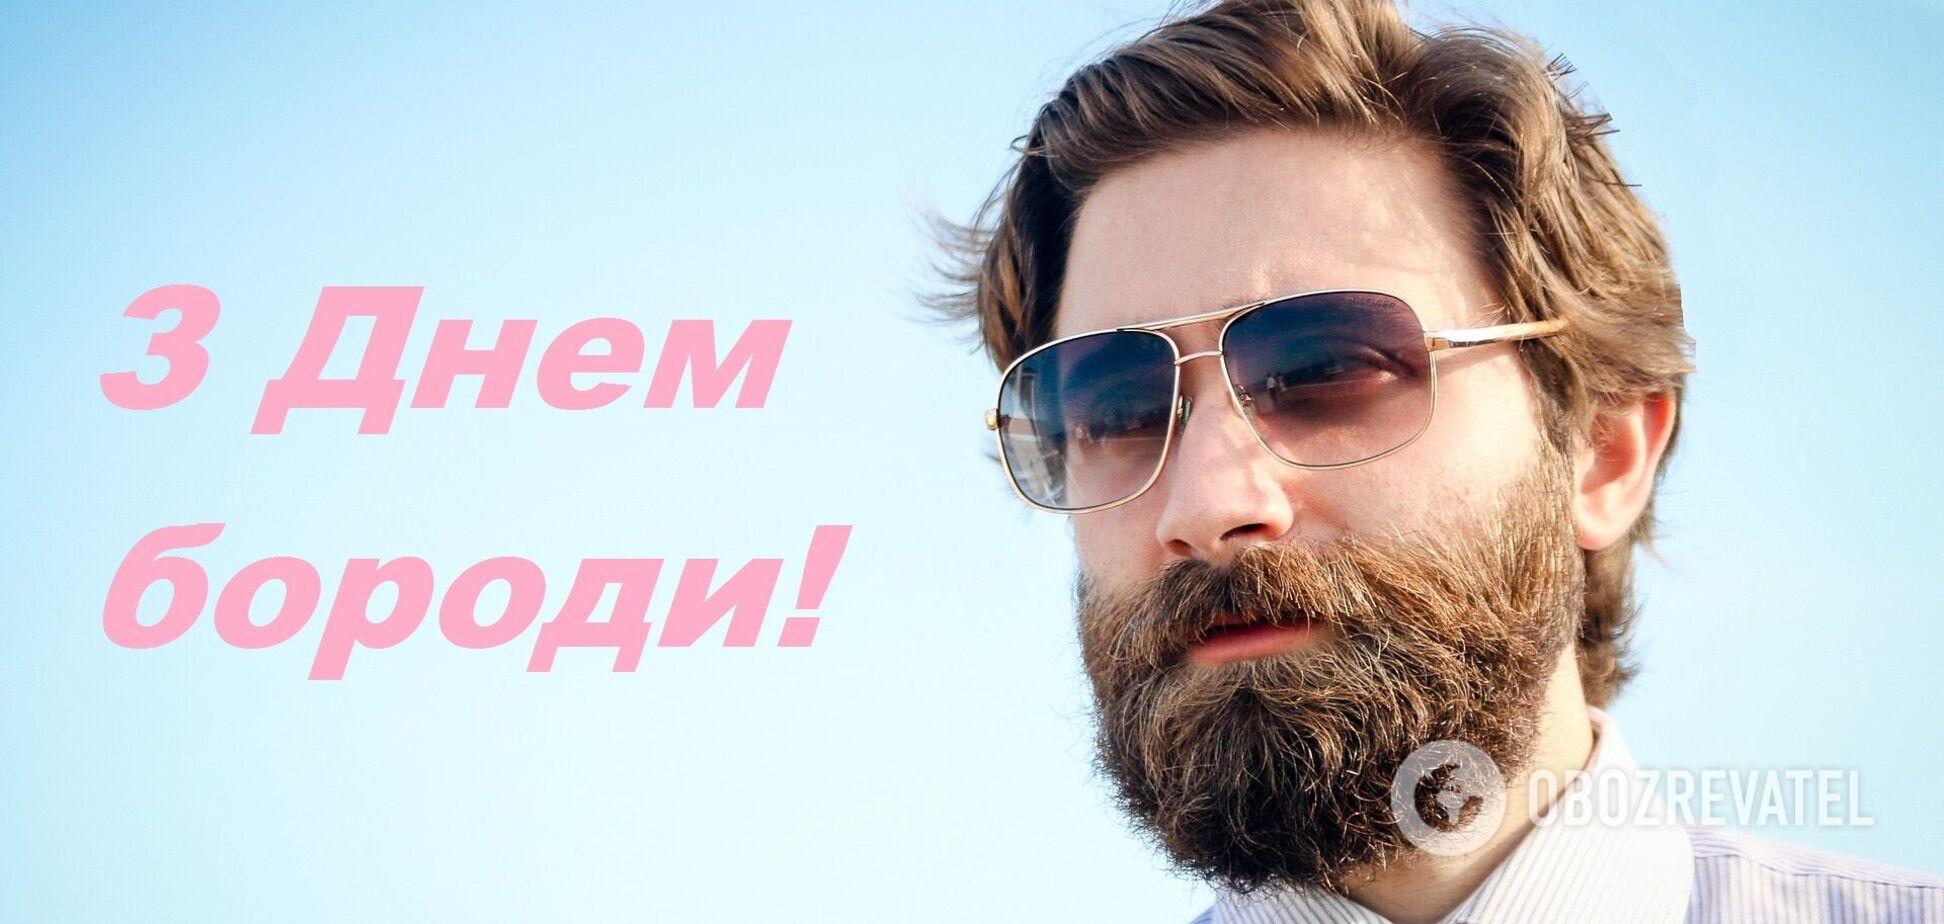 С Днем бороды 2021: прикольные поздравления, видео и открытки